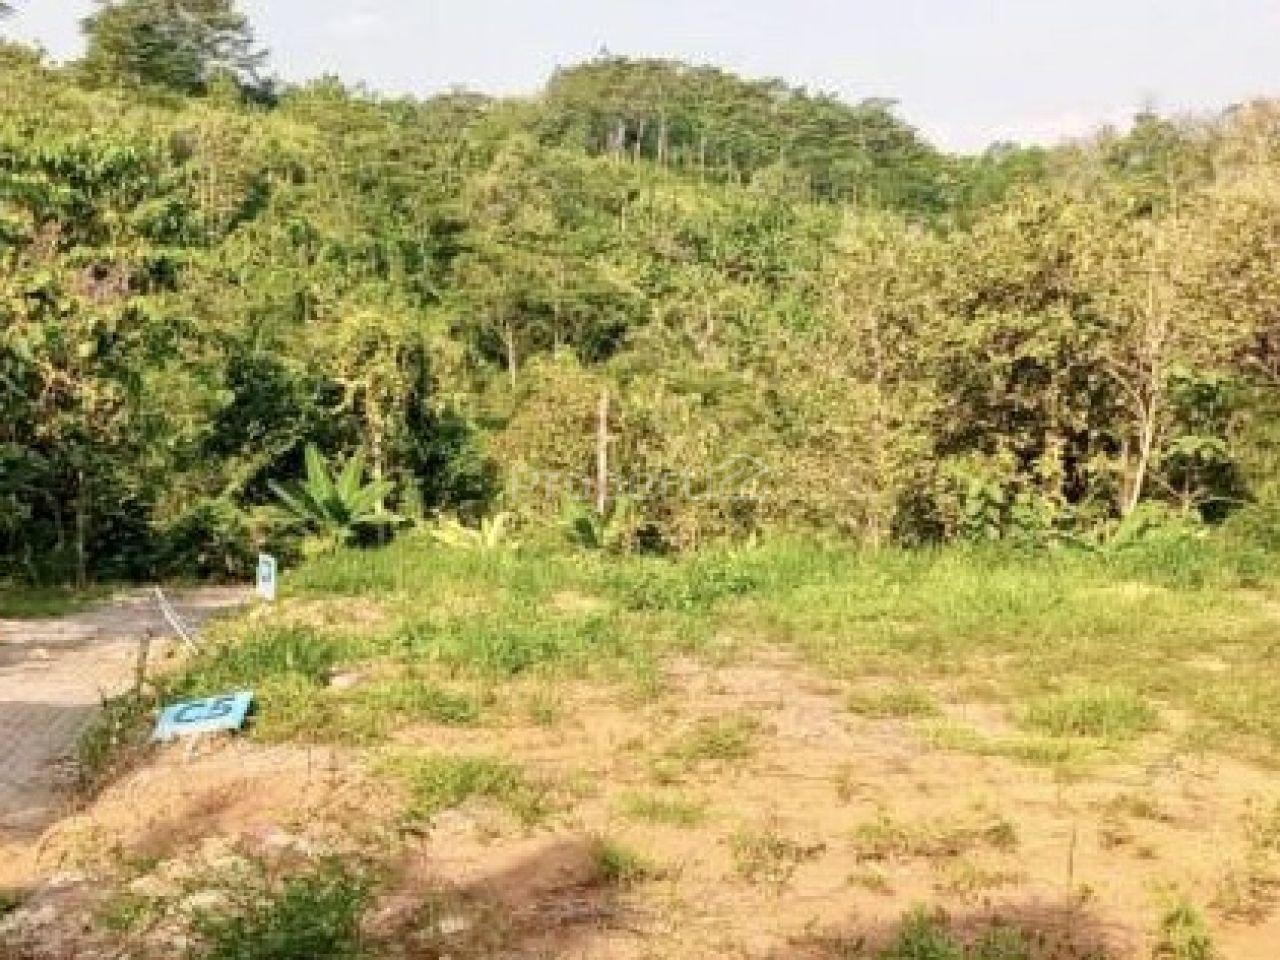 Plot Land in Sadeng, Gunungpati, Semarang, Jawa Tengah